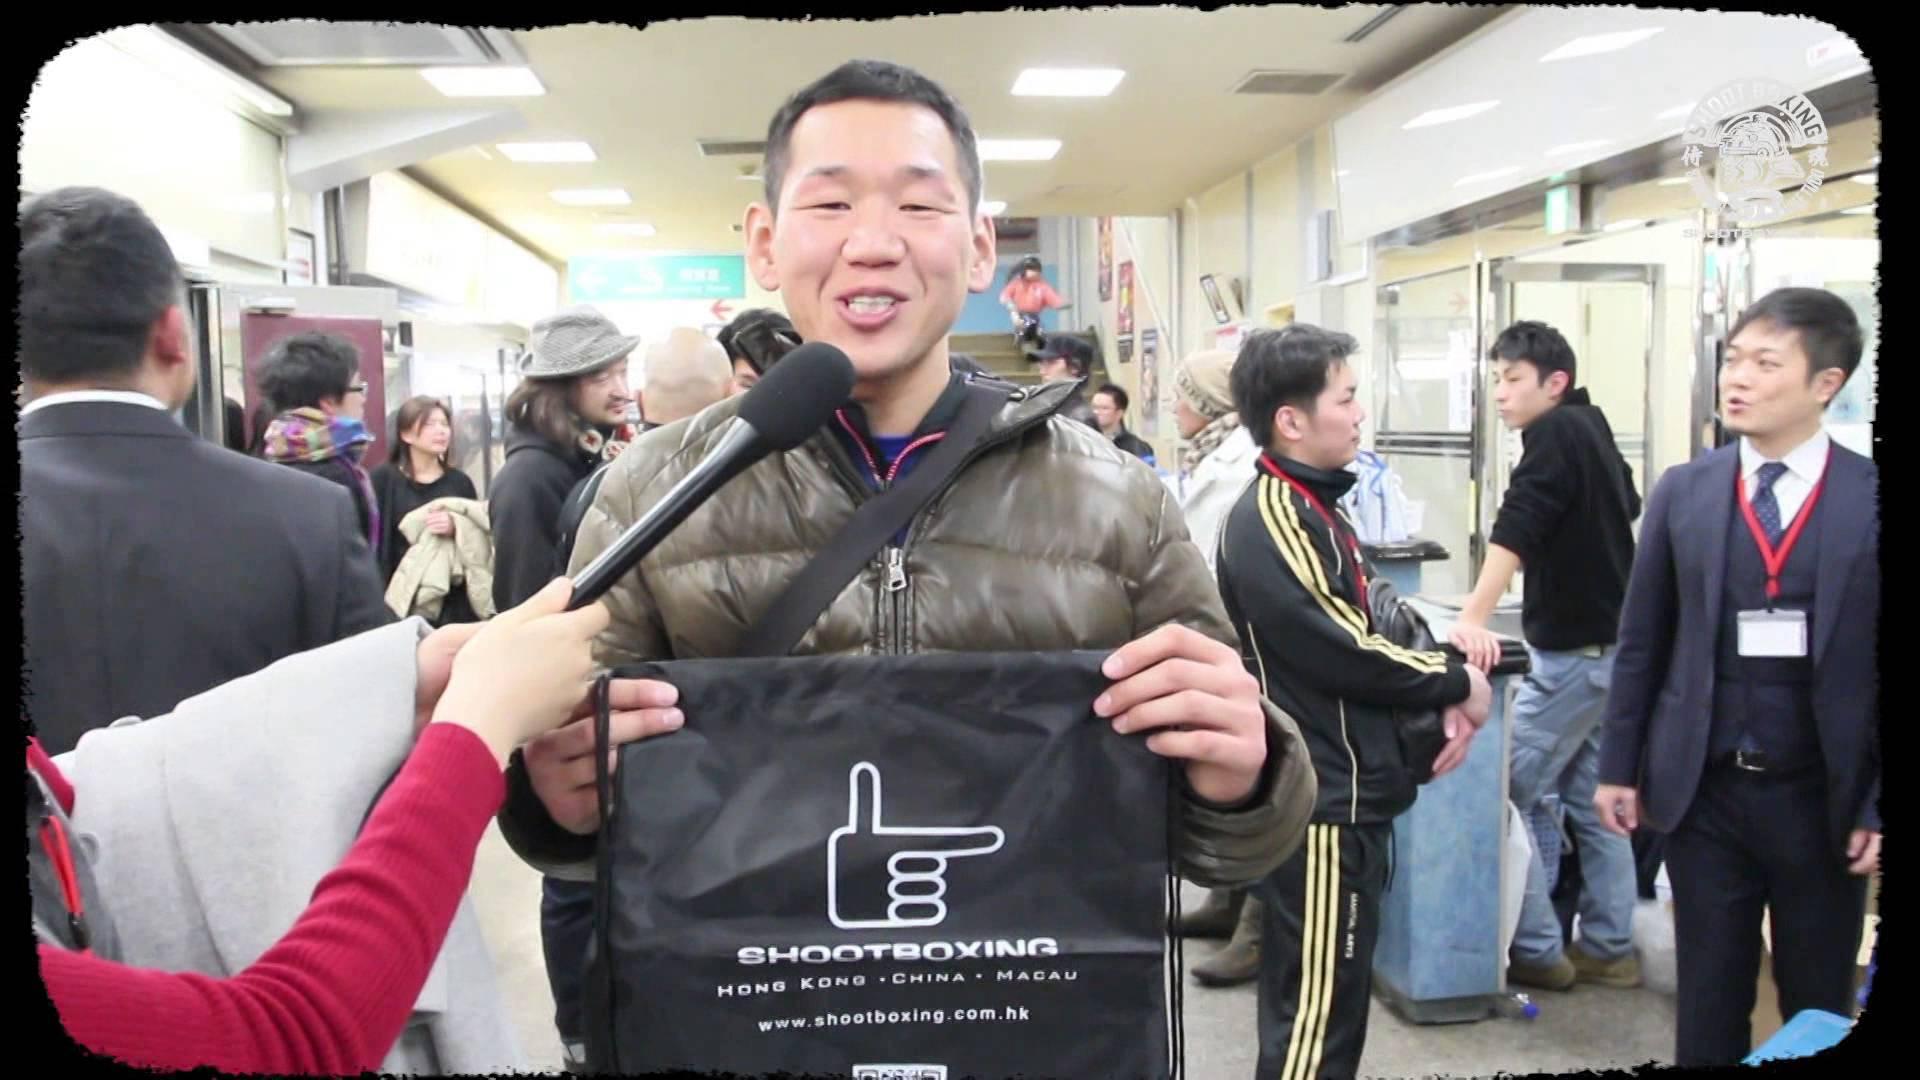 SHOOT BOXING TOKYO ACT1 2014 – Highlight